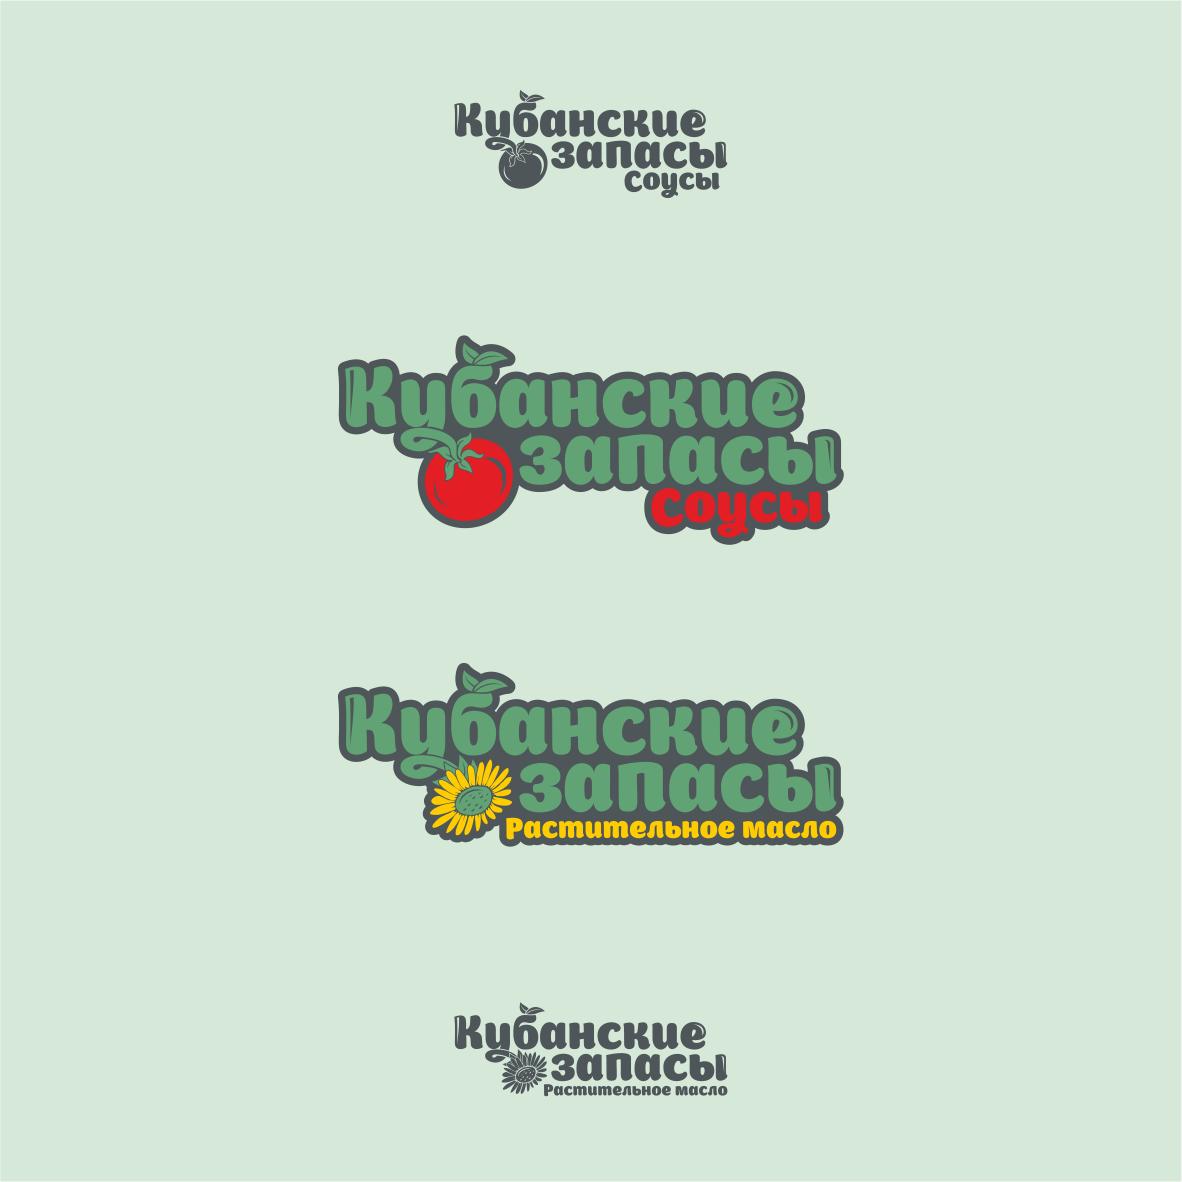 Логотип, фирменный стиль фото f_4275ddff5b0693f5.png